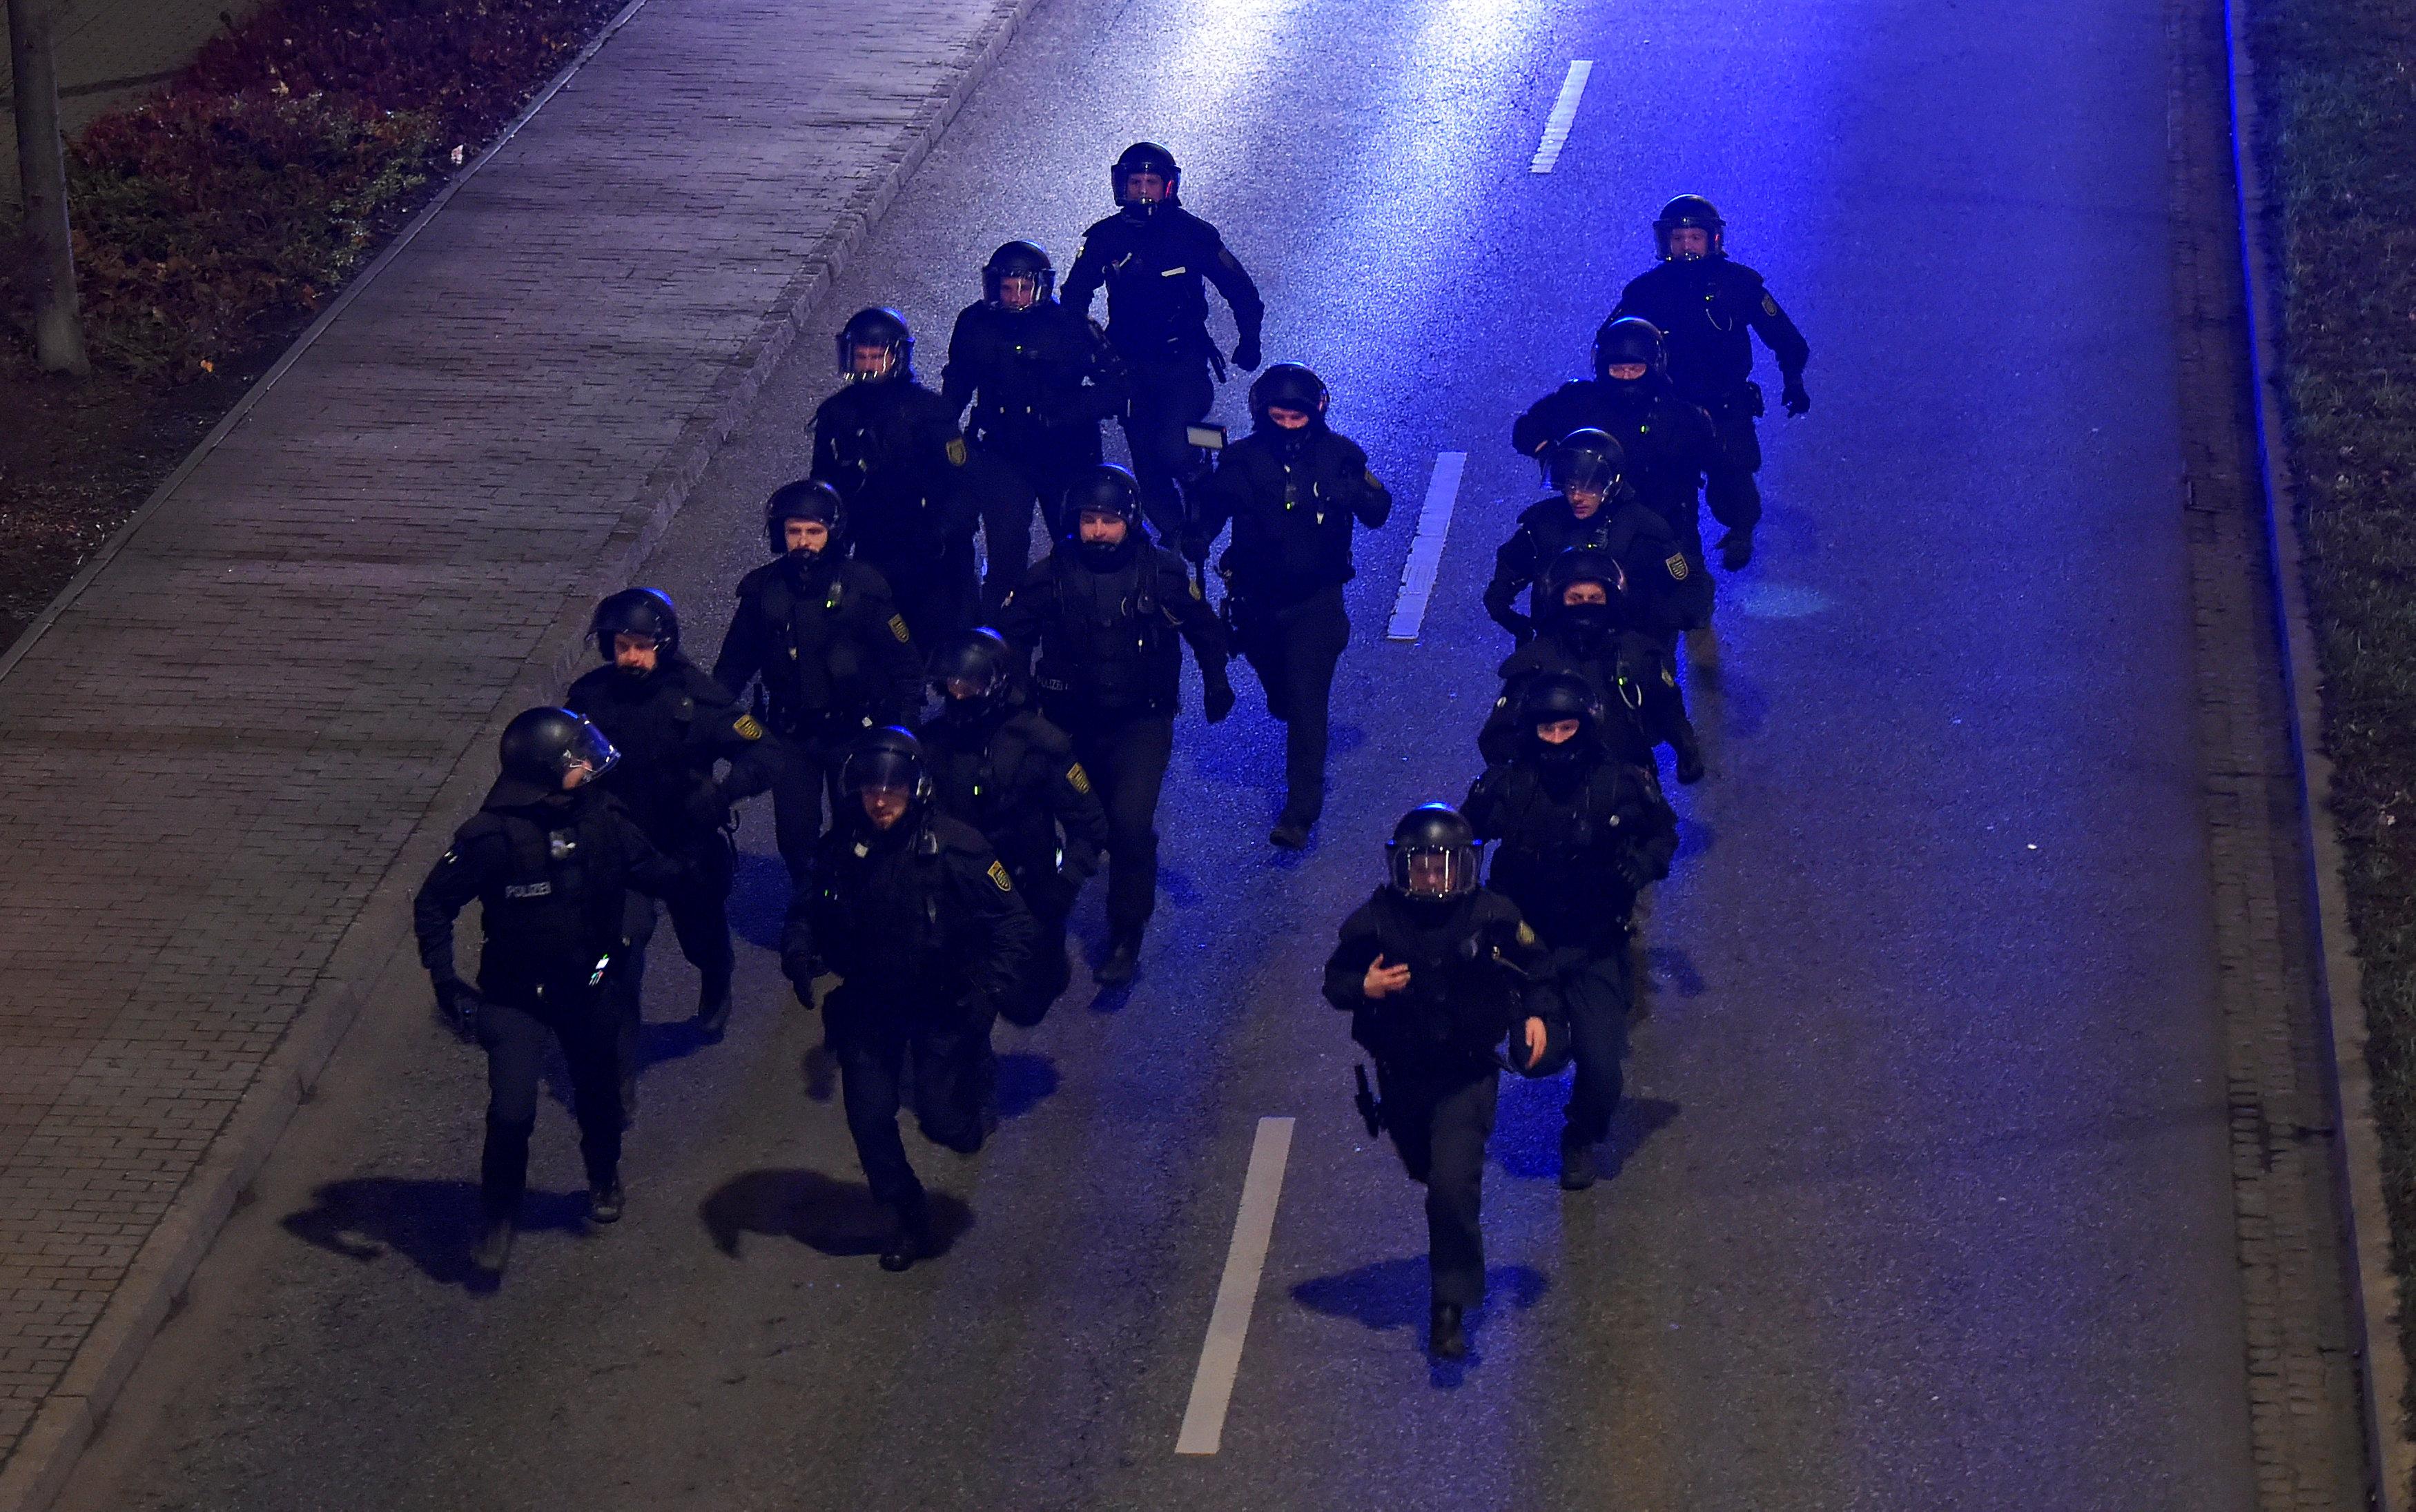 الشرطة الألمانية تعتقل المحتجين (3)